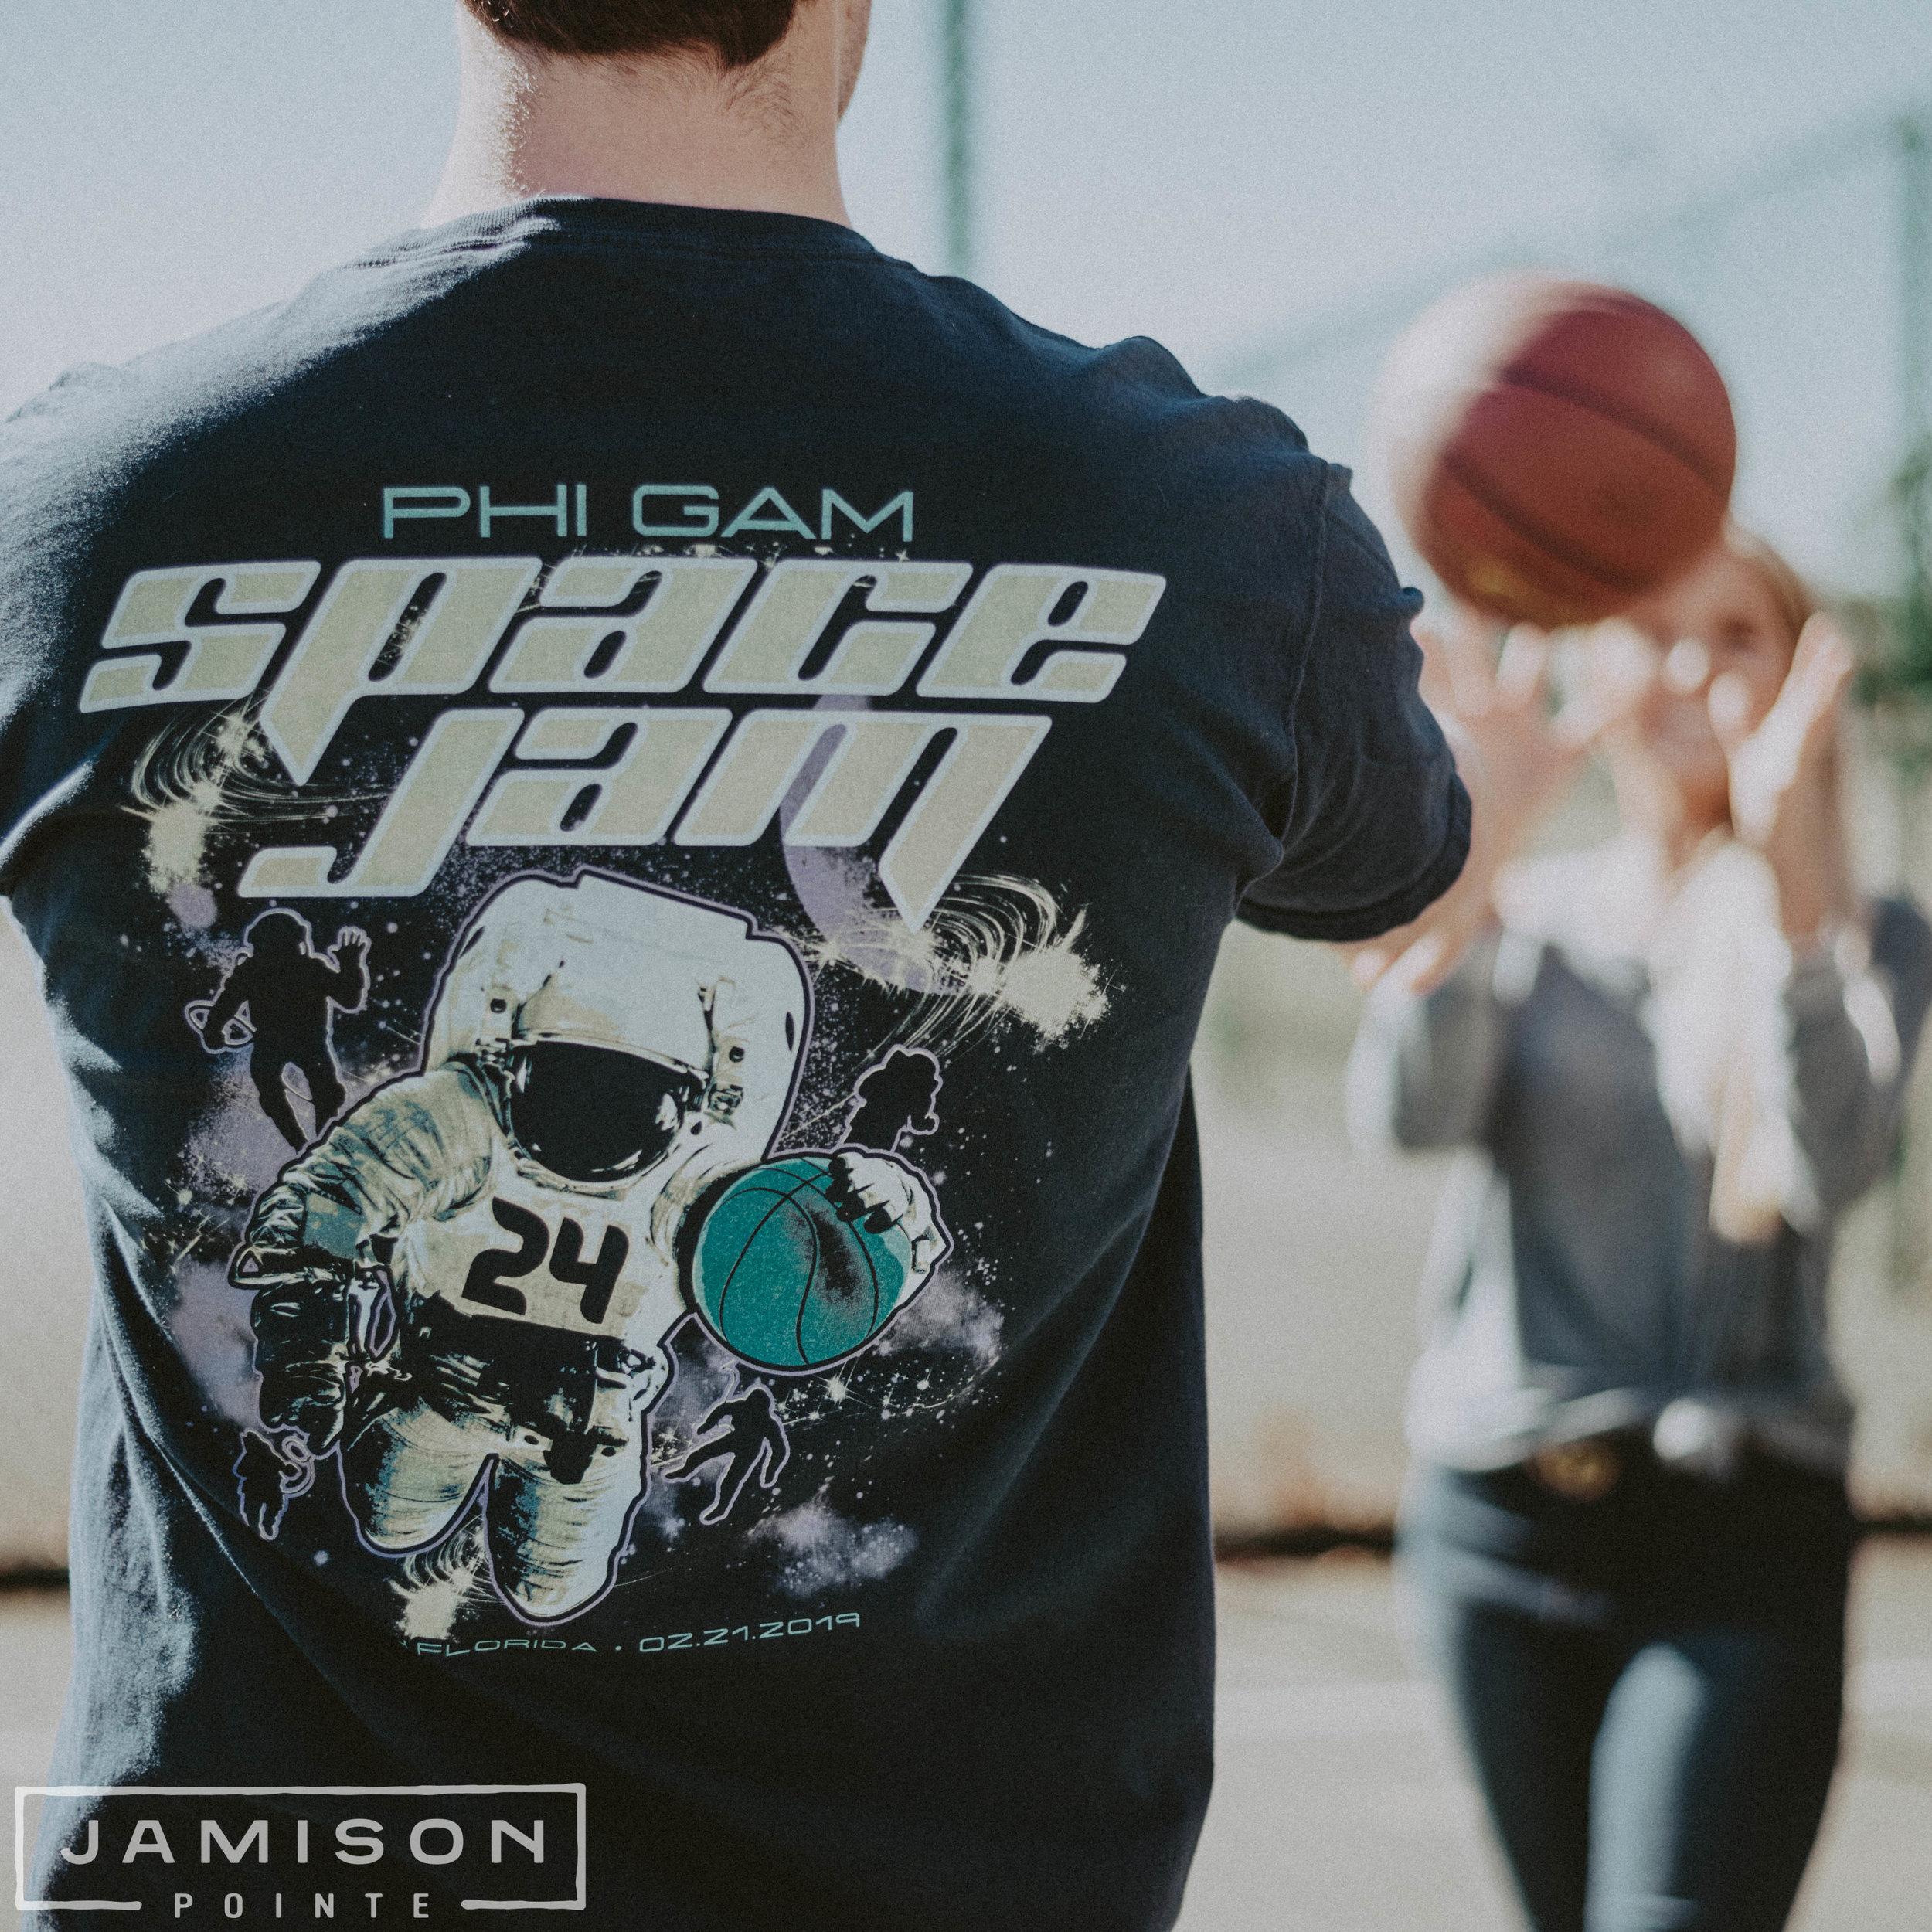 Fiji Space Jam T-shirt